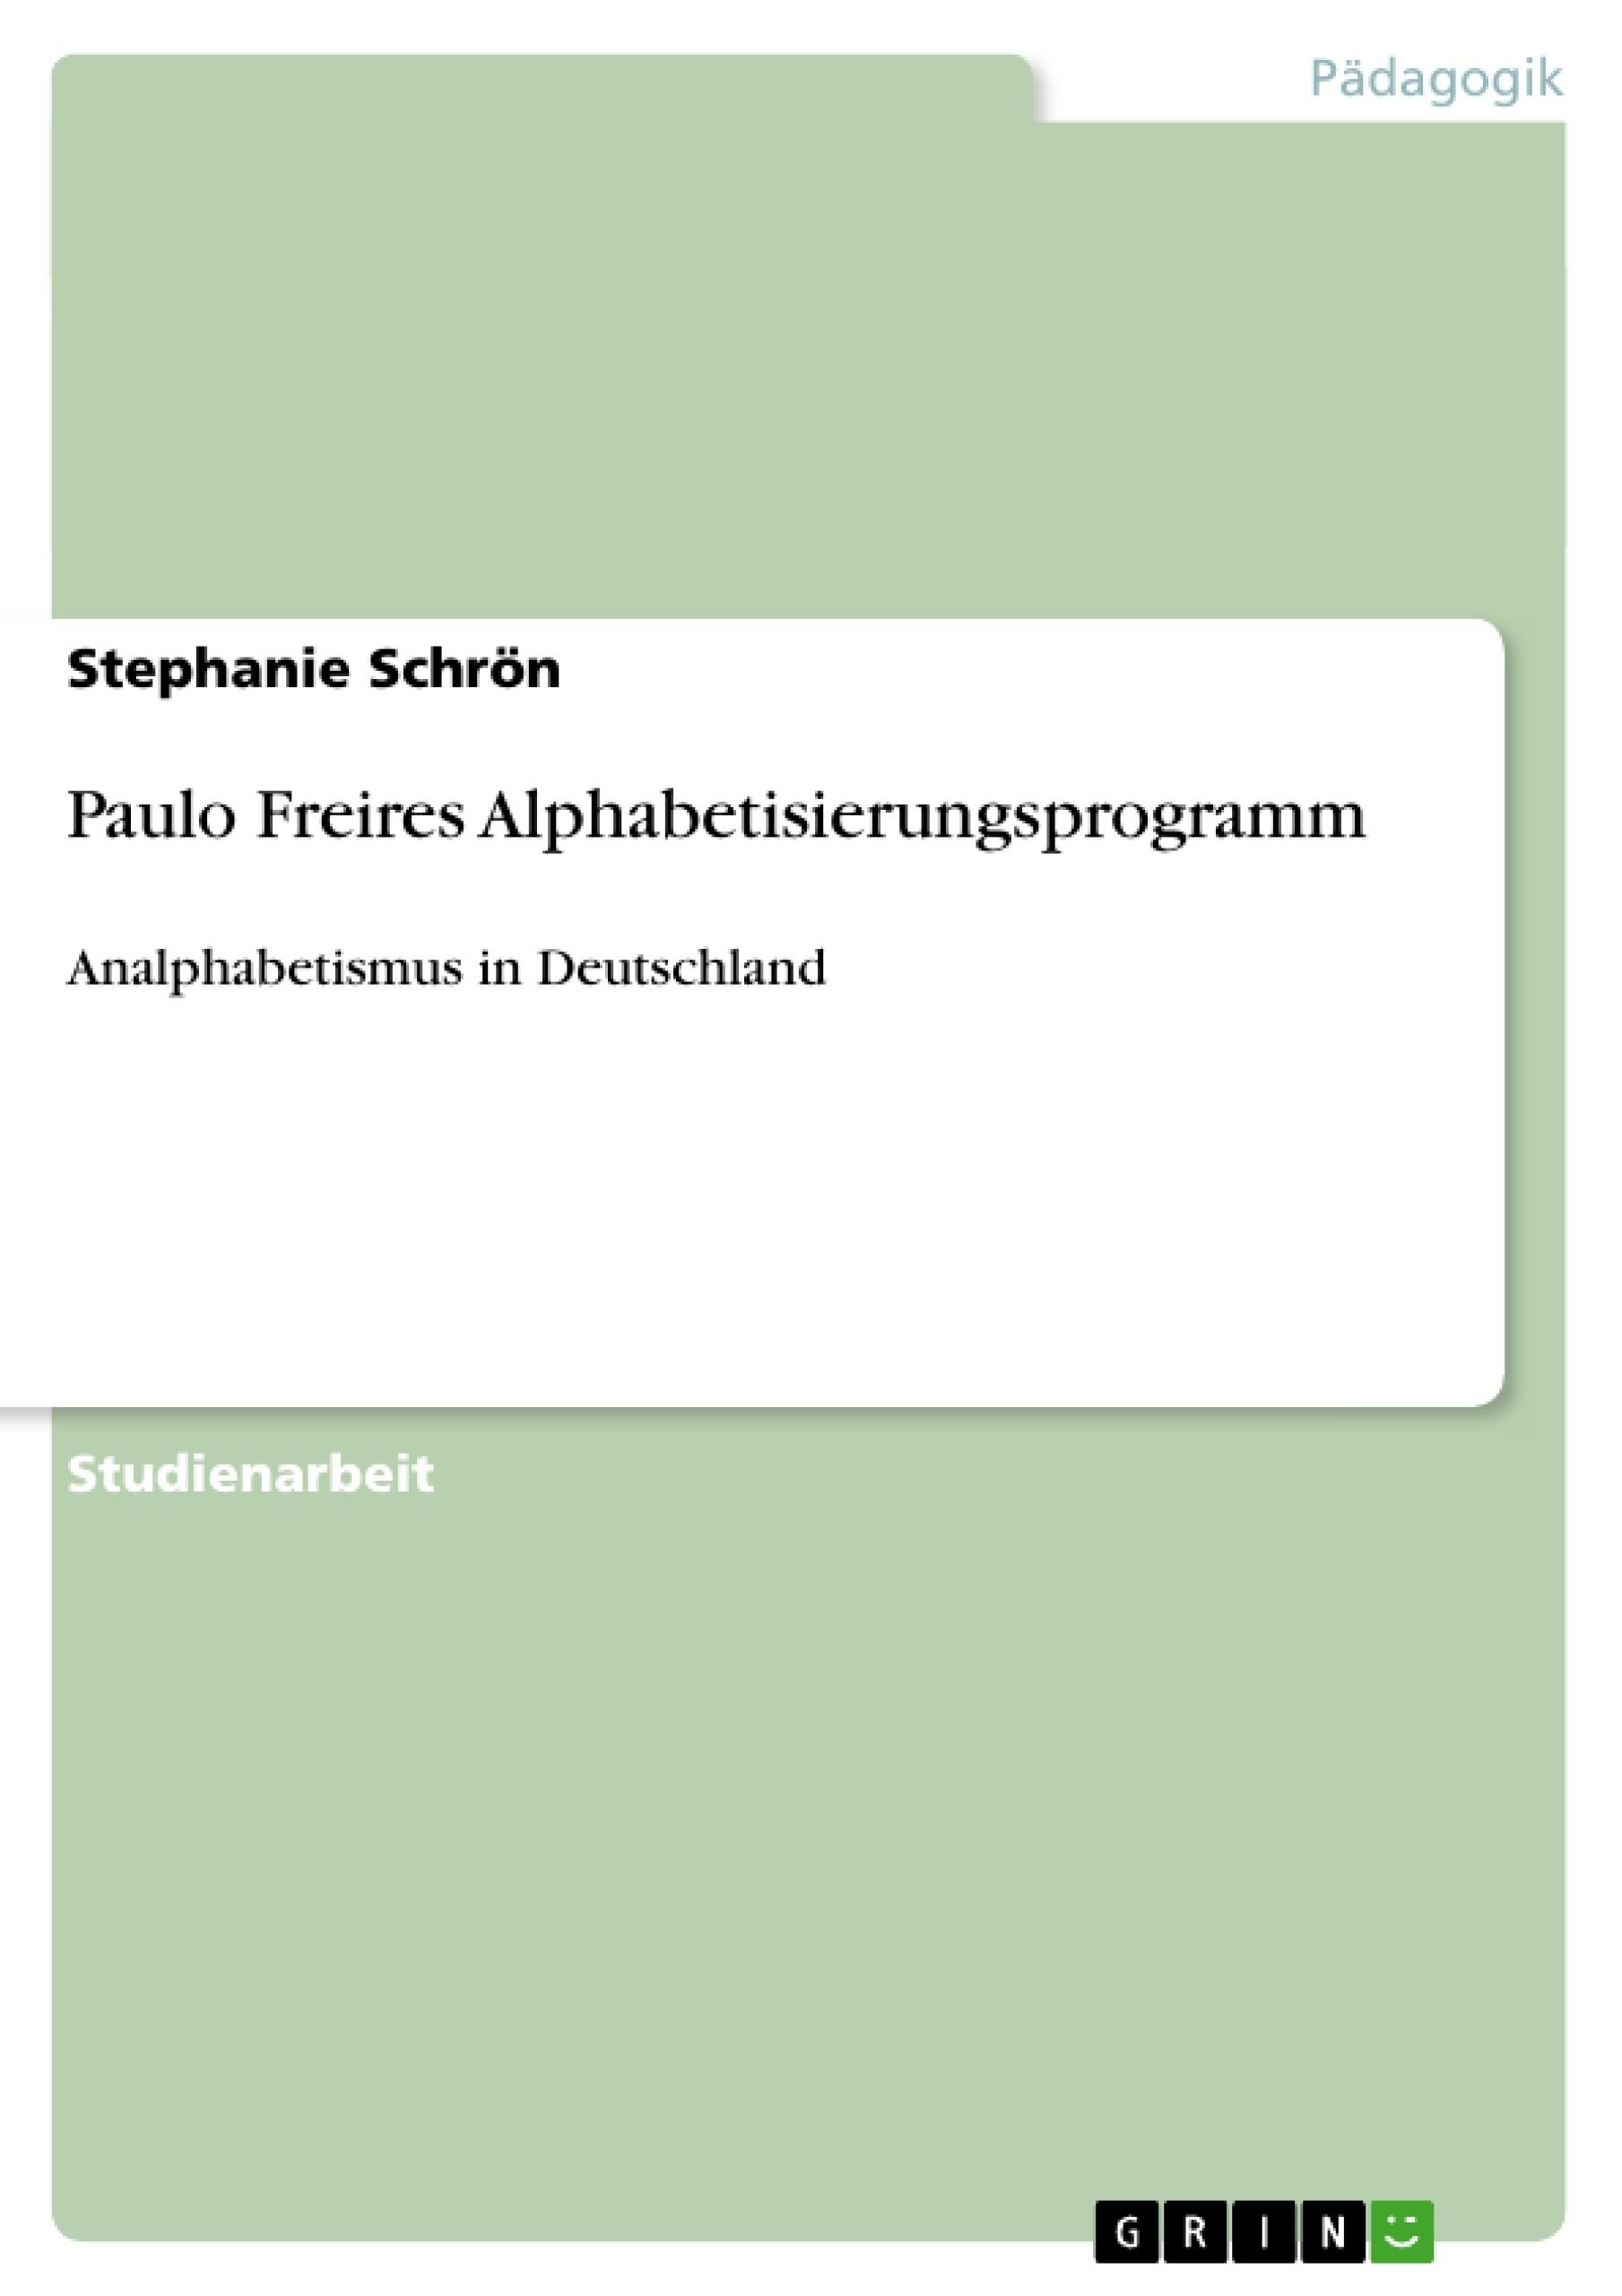 Titel: Paulo Freires Alphabetisierungsprogramm